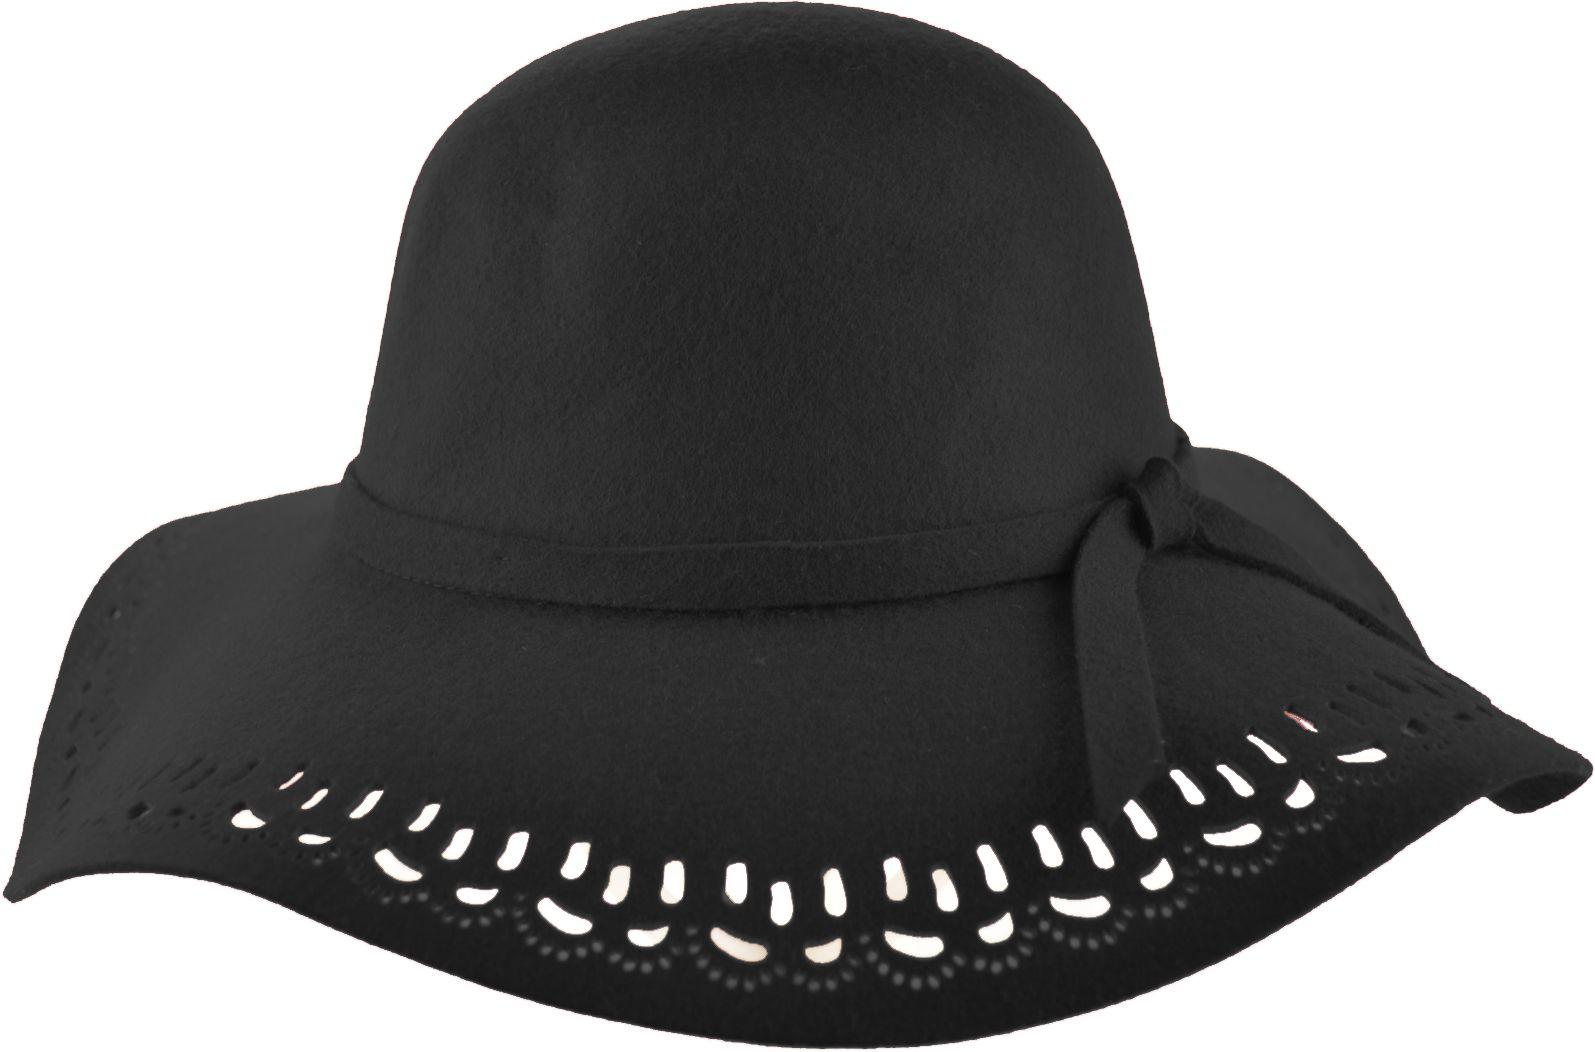 eae2493bl_chapeau-capeline-pin-up-40-s-50-s-retro-glamour-jane-noir